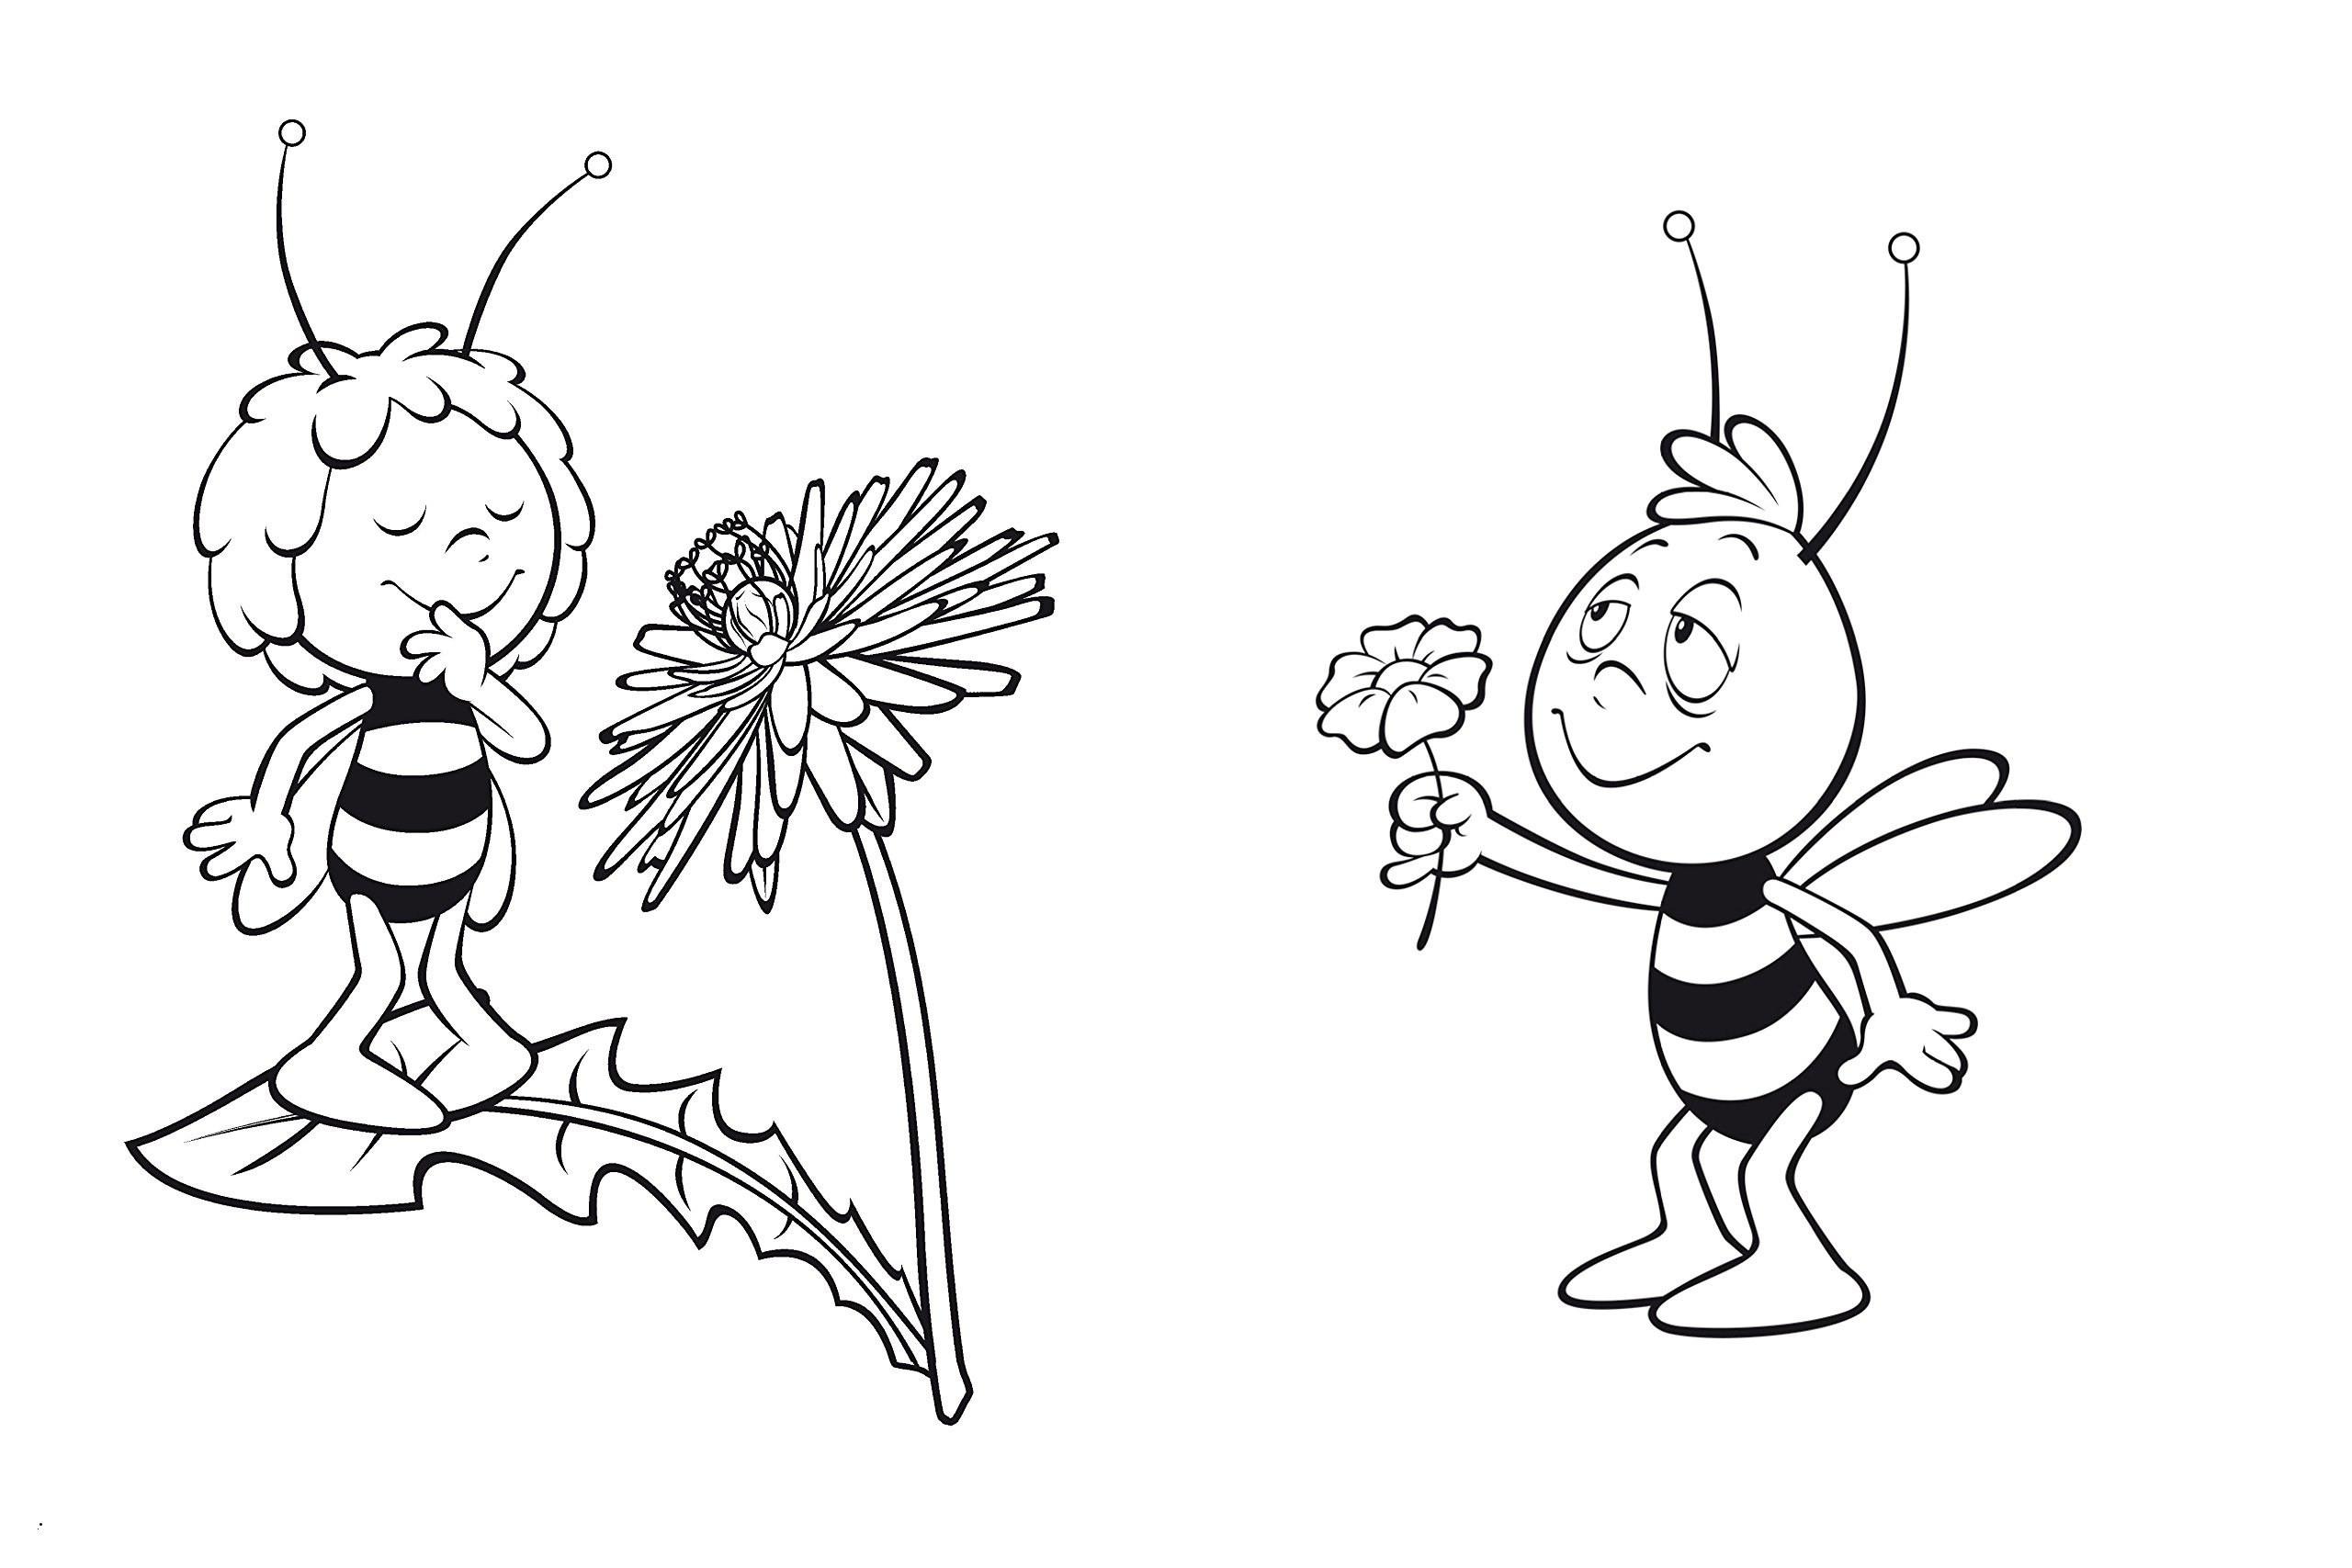 Igel Vorlage Zum Ausdrucken Inspirierend 76 Elegantfotos Von Bienen Bilder Zum Ausdrucken Fotografieren